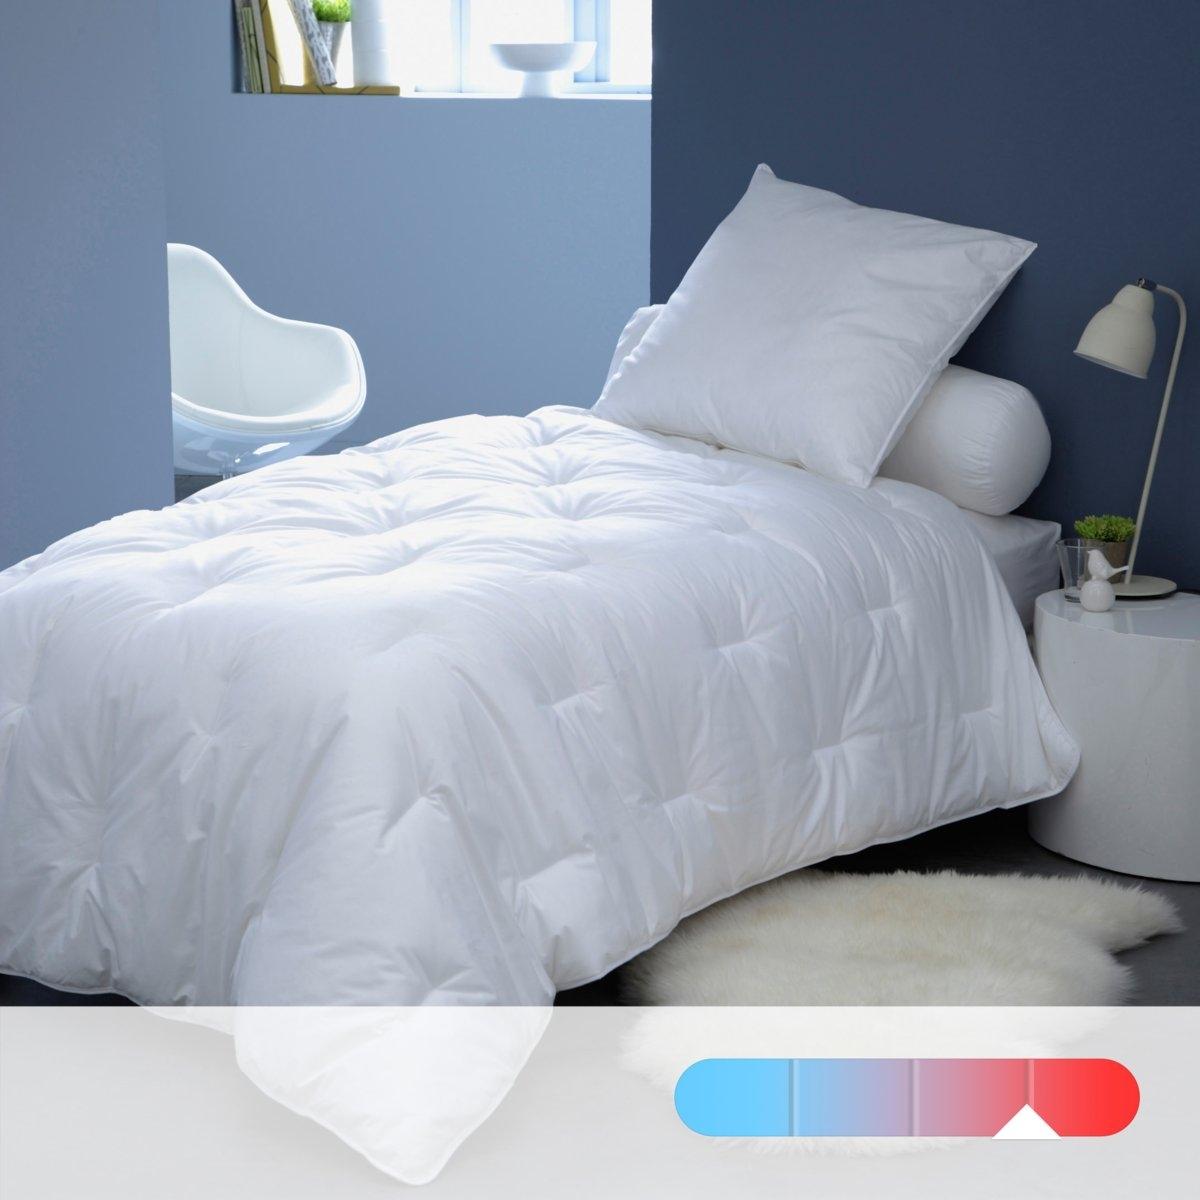 Синтетическое одеяло 450г/м? Quallofil AllerbanОписание:Регулируемое тепло и легкость одеяла QUALLOFIL-AIR с обработкой Allerban против бактерий, клещей и грибка гарантирует вам спокойный сон на всю ночь.Характеристики летнего синтетического одеяла: •  Качество наполнителя VALEUR S?RE: эксклюзивный состав из полых силиконизированных волокон, ультрапышных и суперлегких, из 100% полиэстера, обеспечивают циркуляцию воздуха и выводят влагу. •  Биоцидная обработка •  Чехол: 100% хлопок. •  Отделка кантом из хлопка. •  Простежка пунктиром. •  Уход : Стирка при 40°, возможна машинная сушка при умеренной температуре. •  Идеально при температуре воздуха в комнате 12-15°.<br><br>Цвет: белый